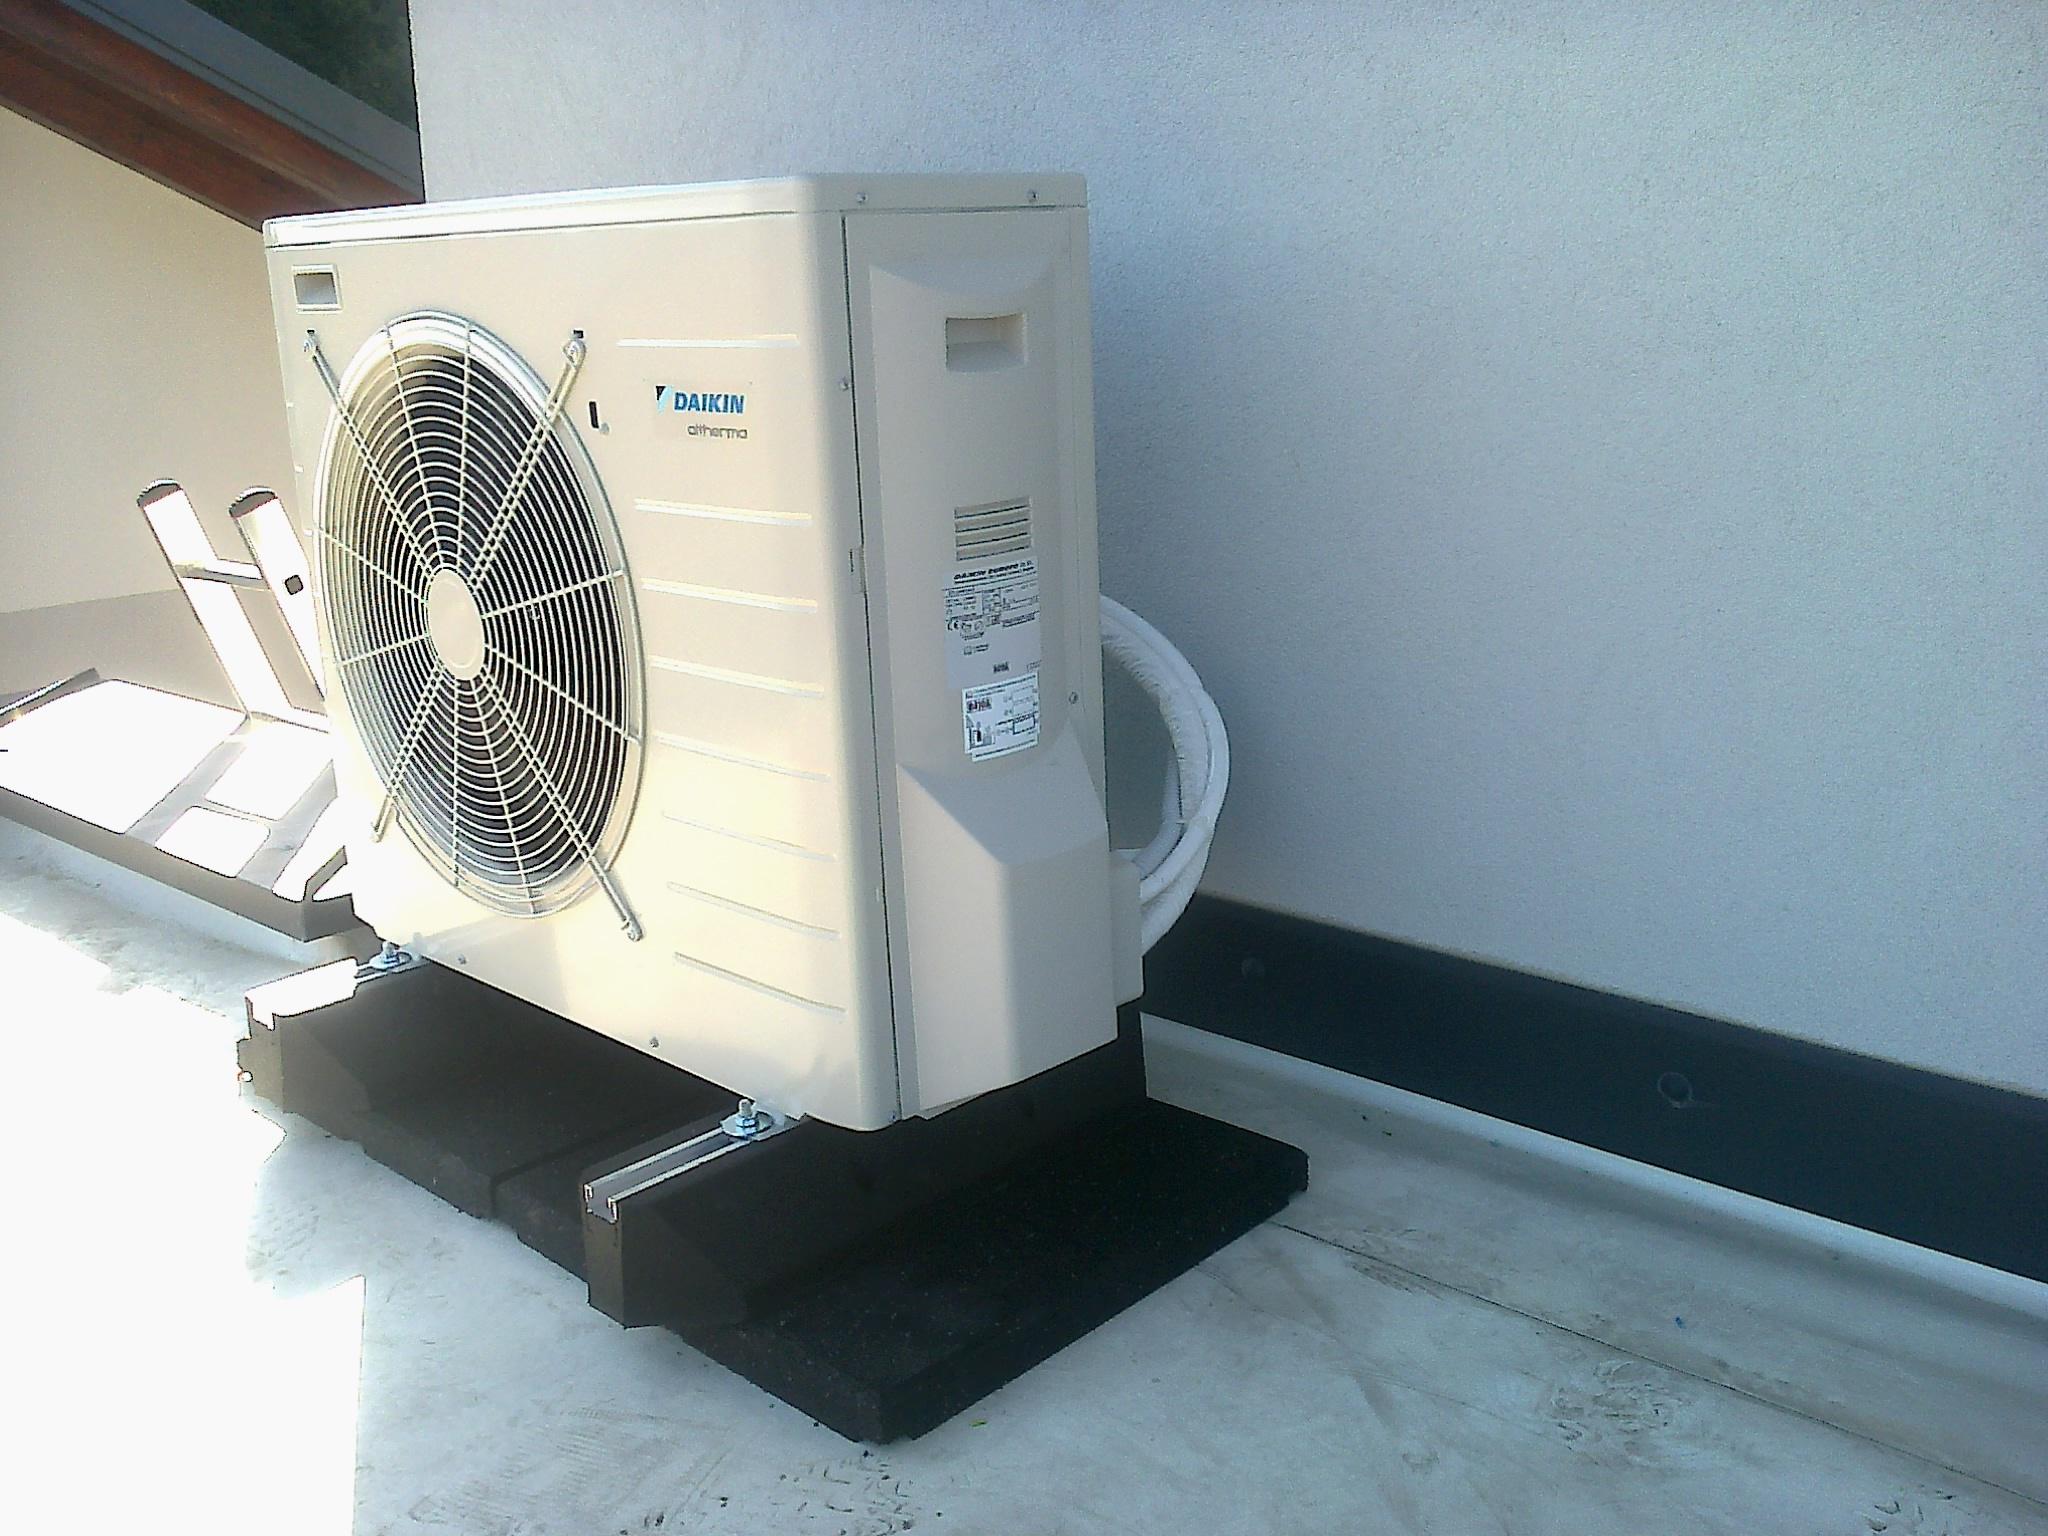 toplotna črpalka na ravni strehi